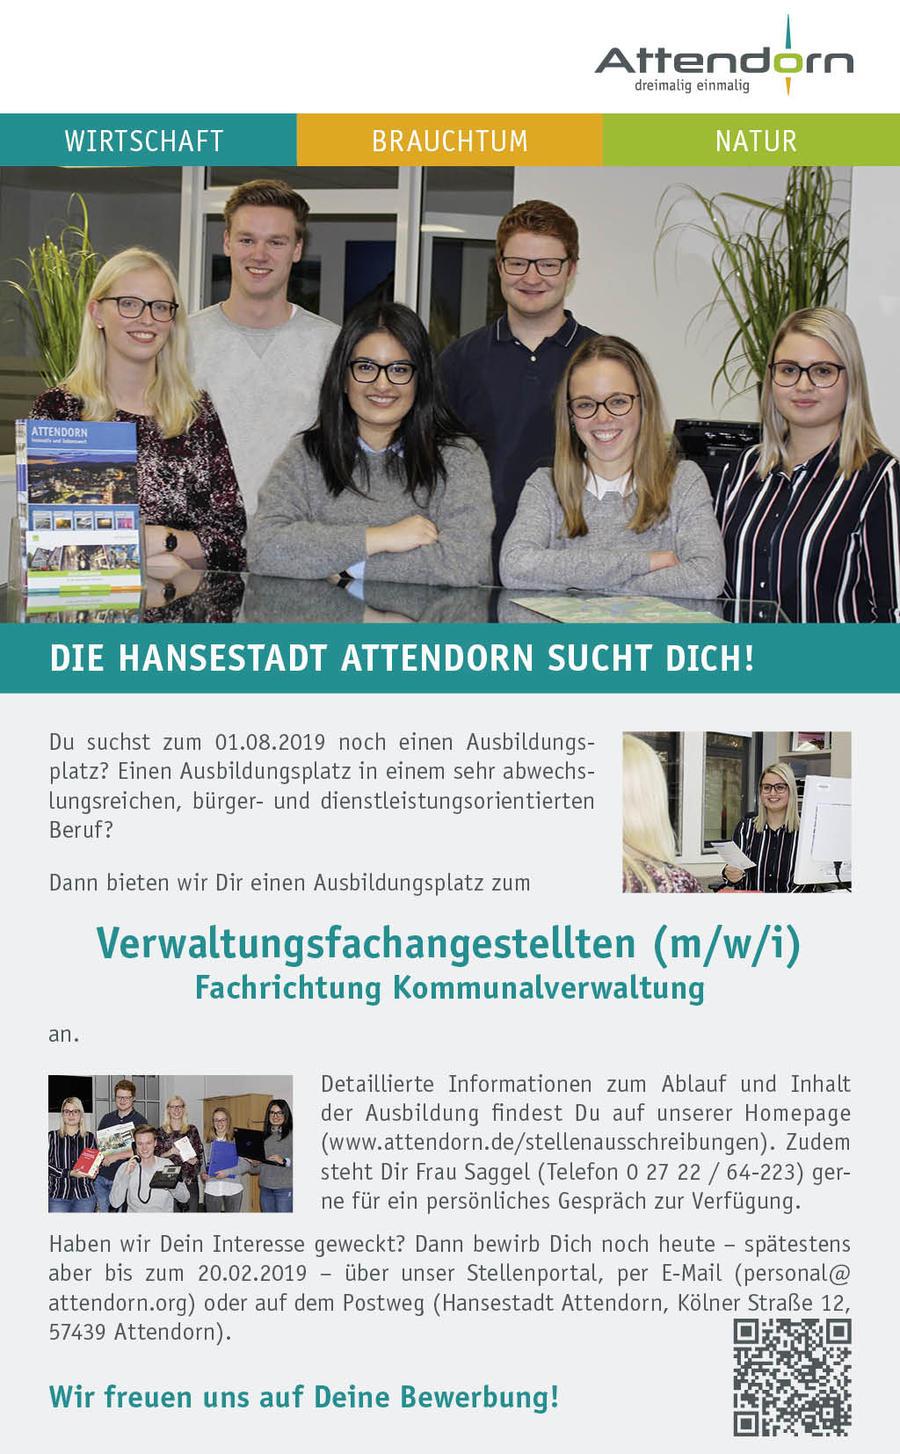 Die Hansestadt Attendorn bietet zum 1. August 2019 einen Ausbildungsplatz zum Verwaltungsfachangestellten (m/w/i) - Fachrichtung Kommunalverwaltung - an.